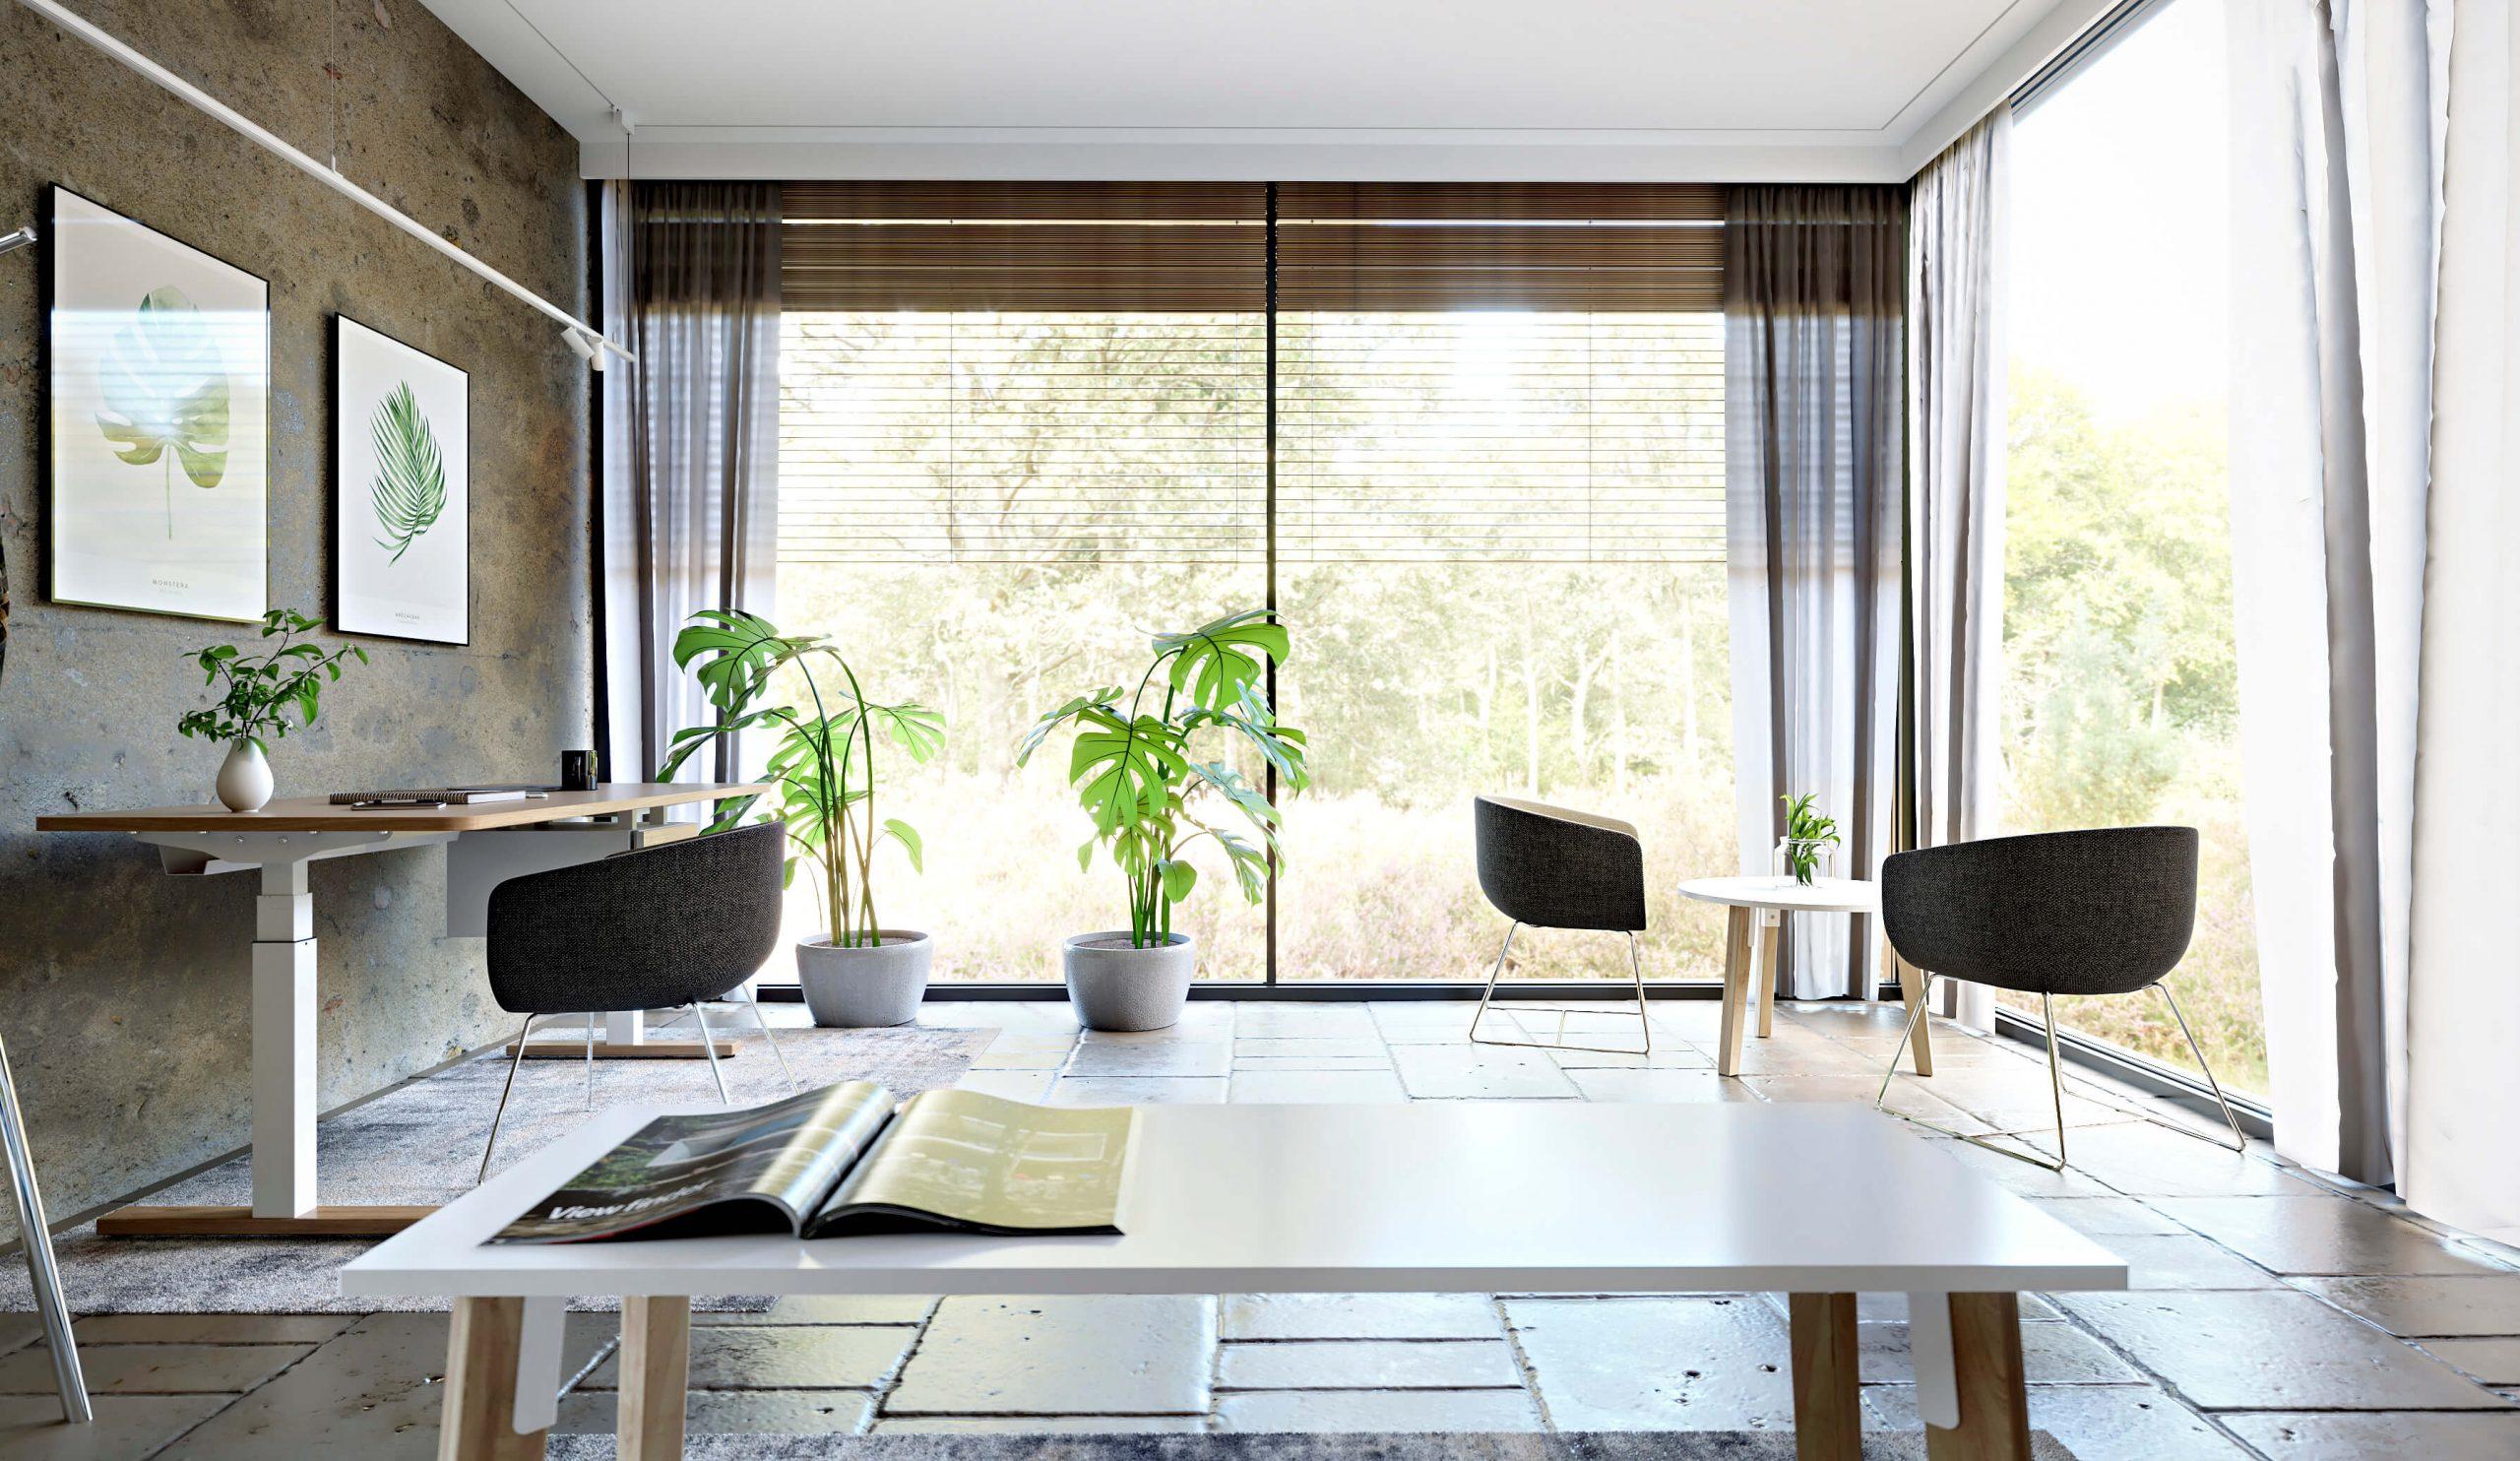 biurowo domowe z widokiem na zieleń